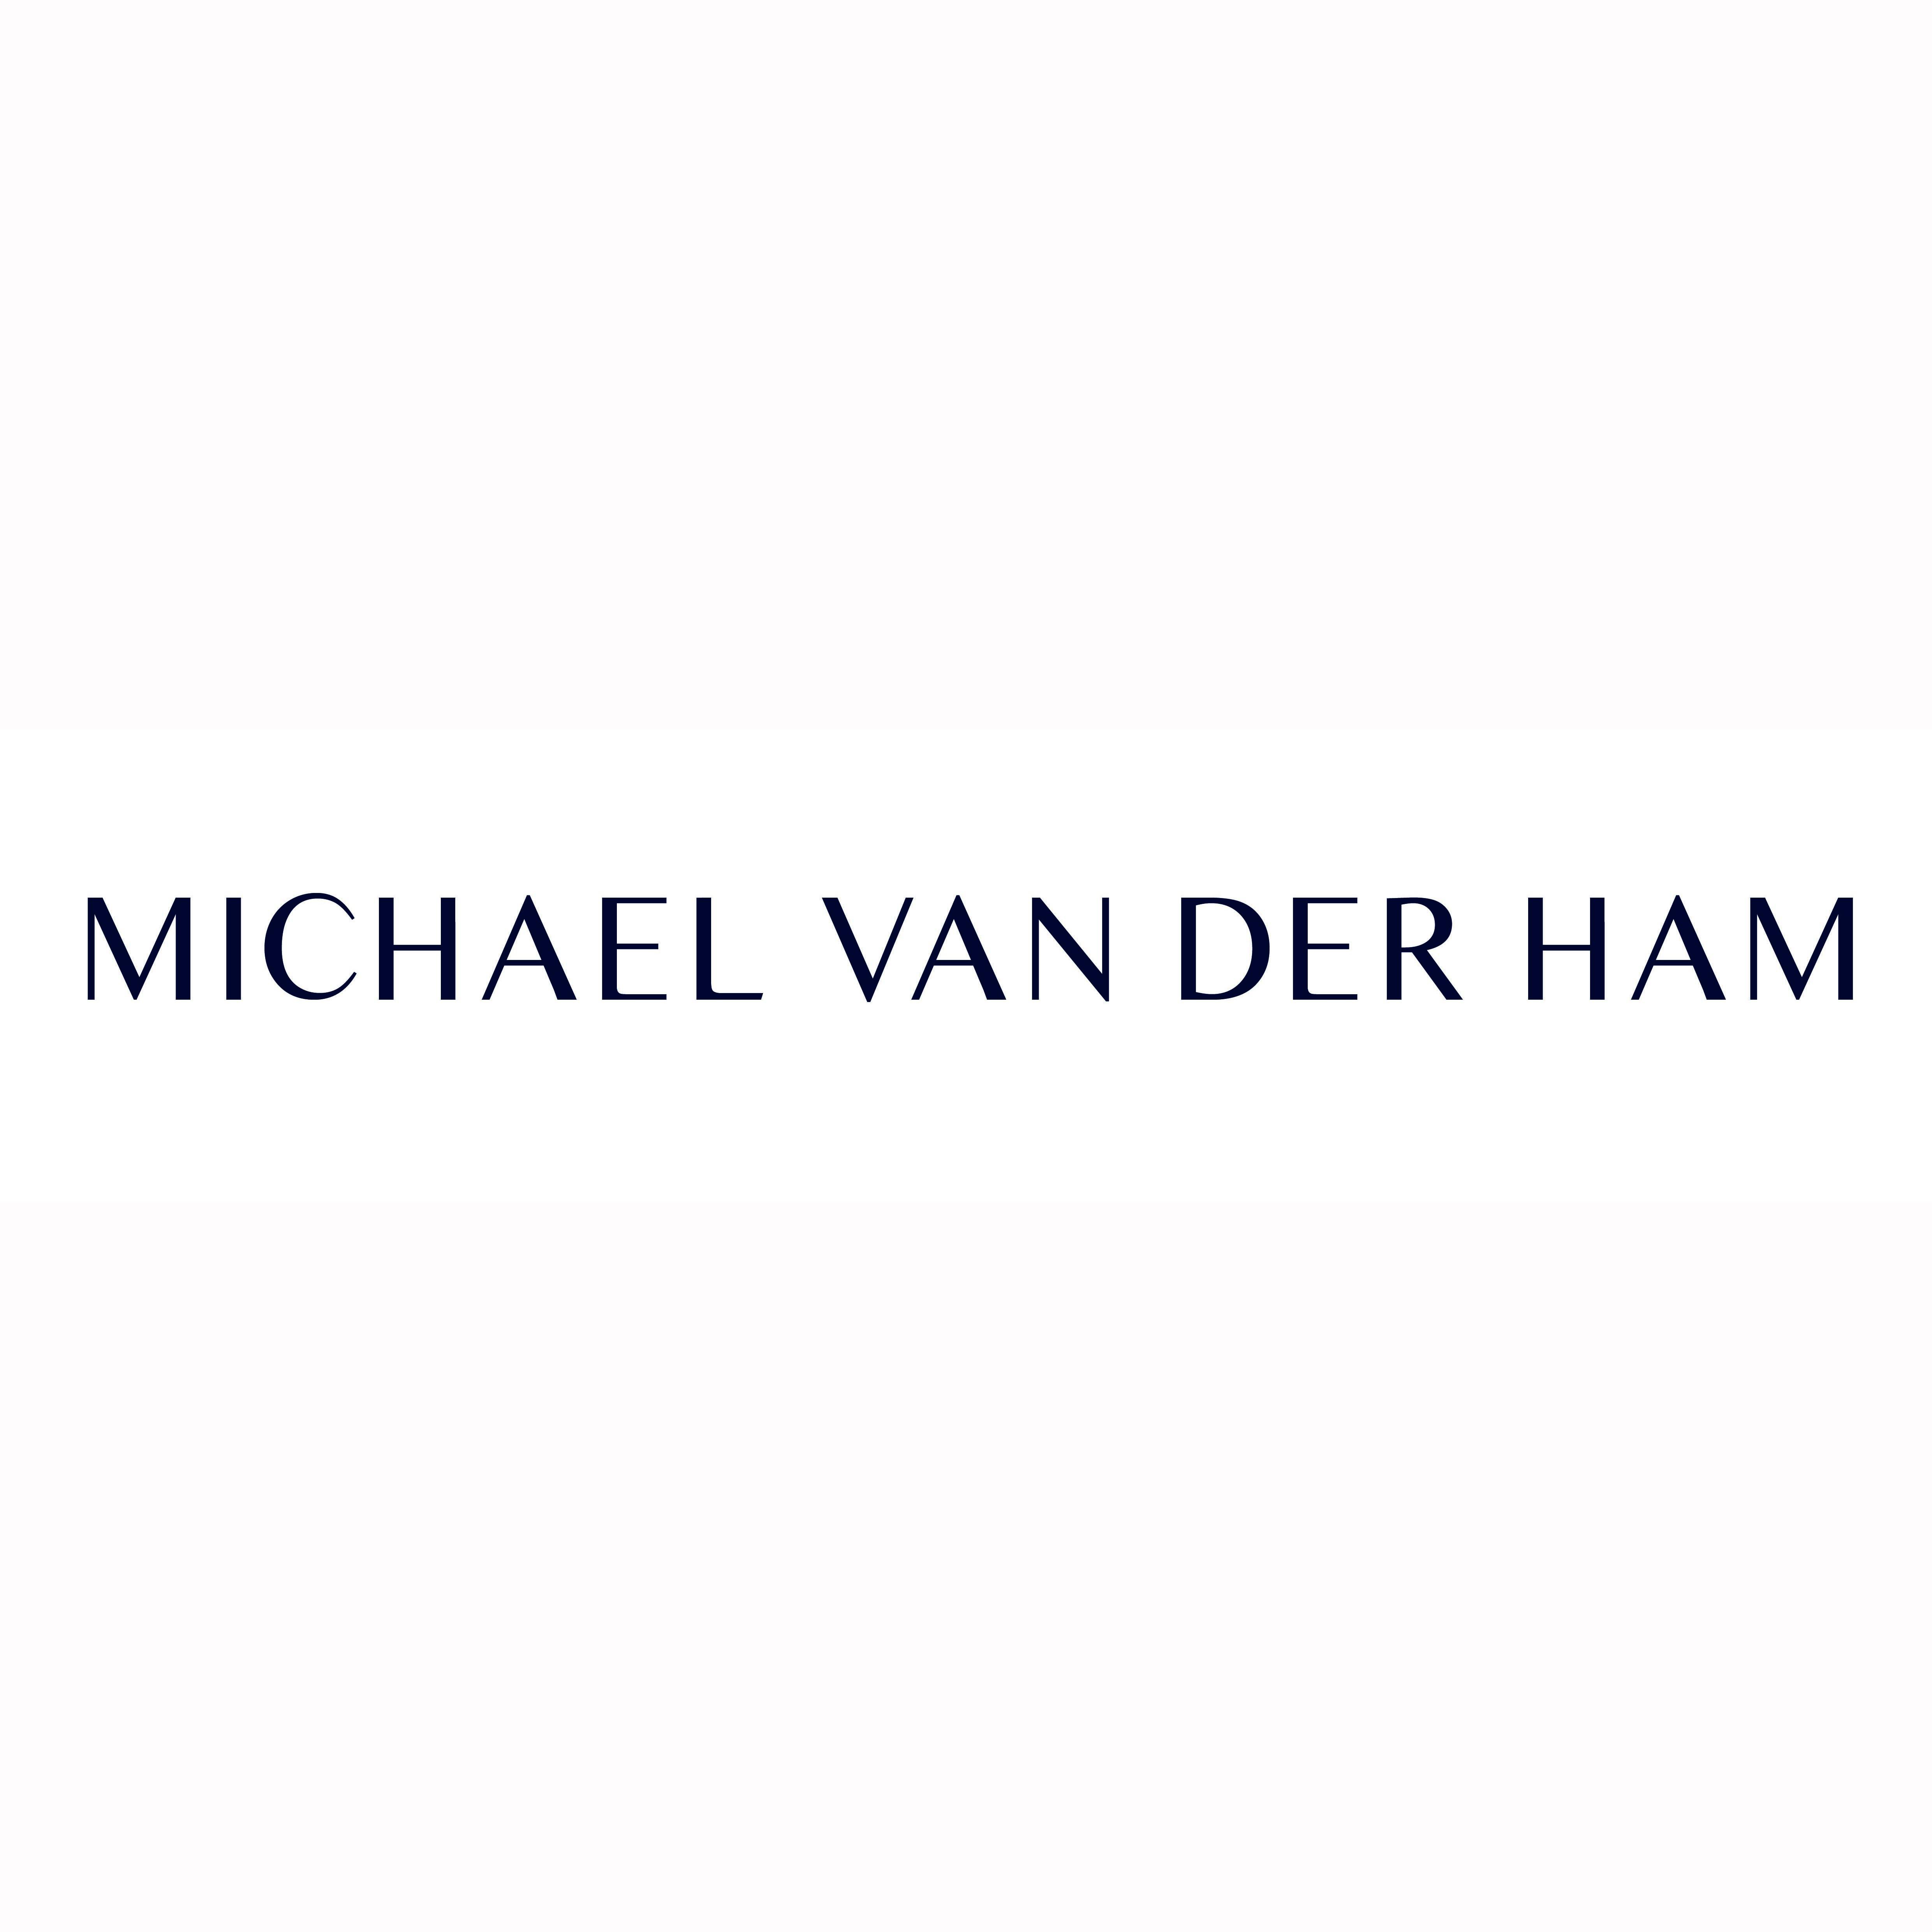 Michael van der Ham